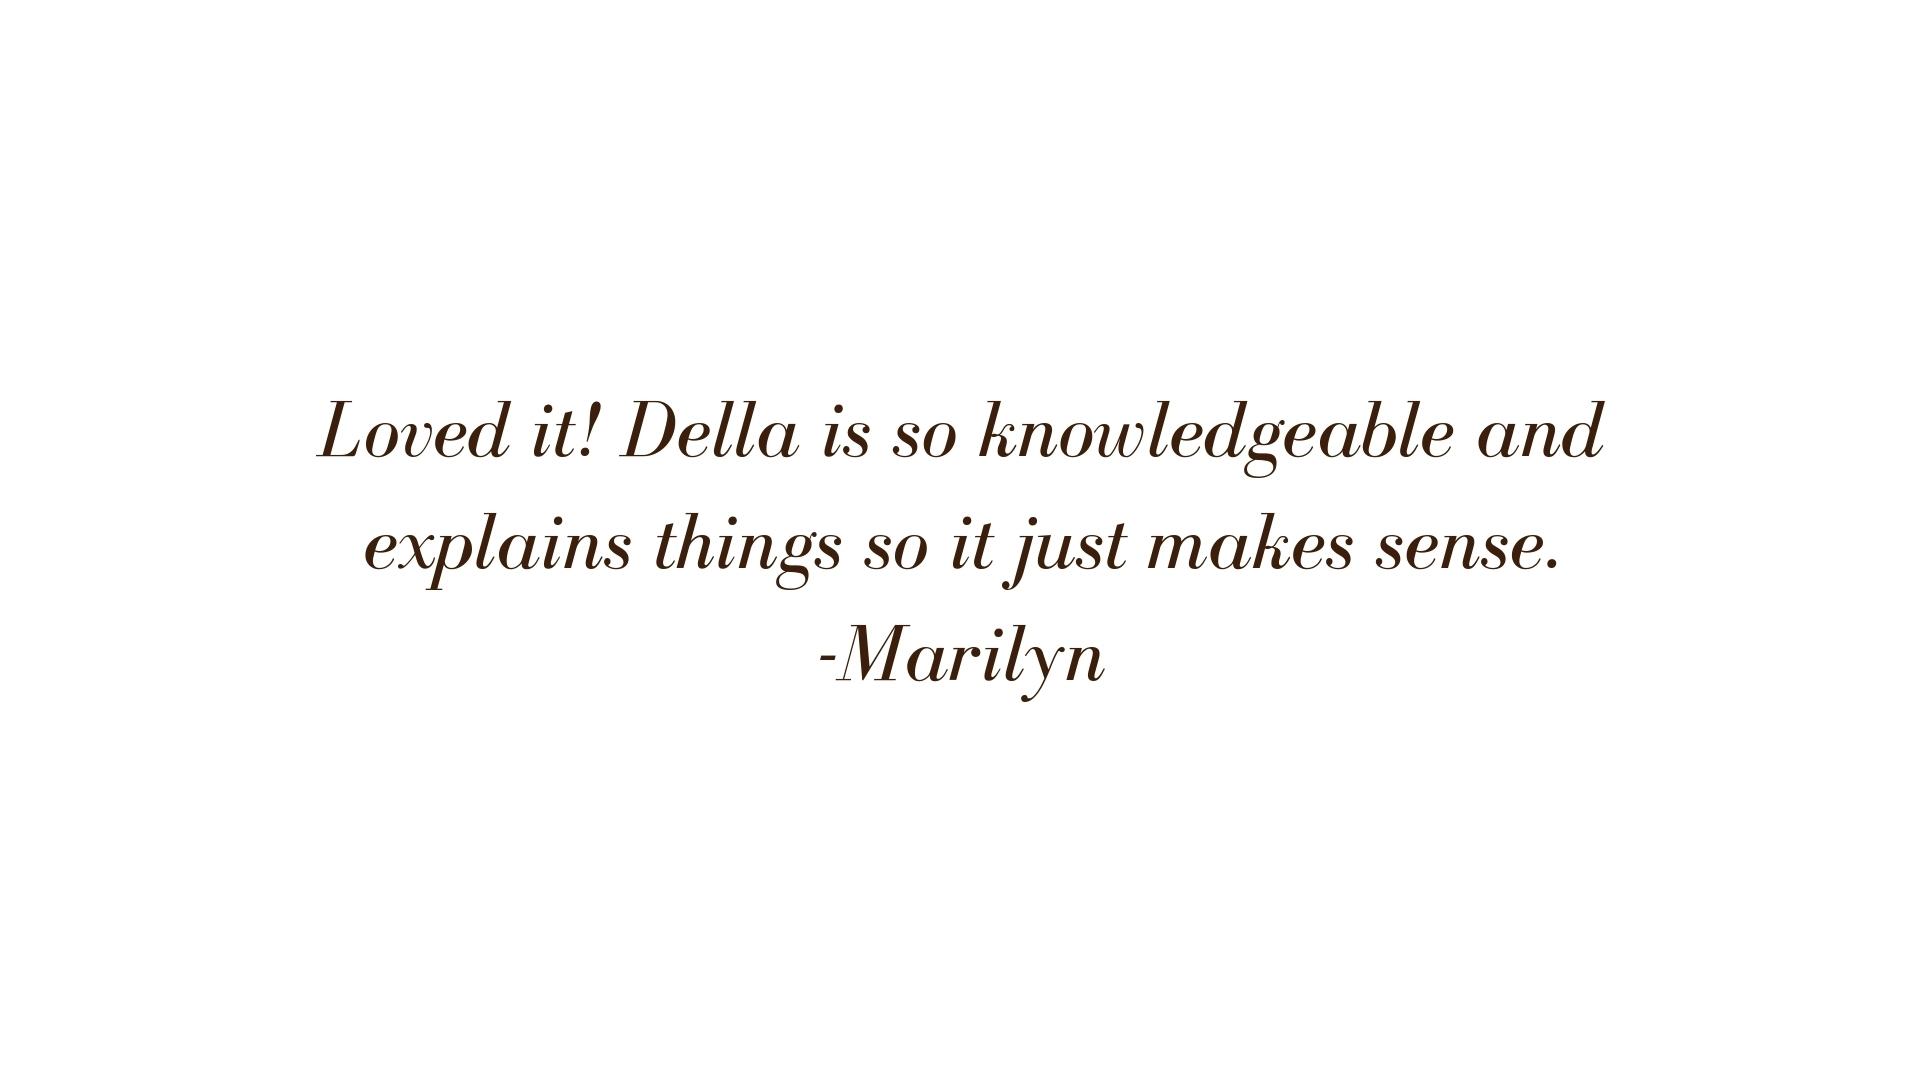 della-reside-speaking (1).jpg